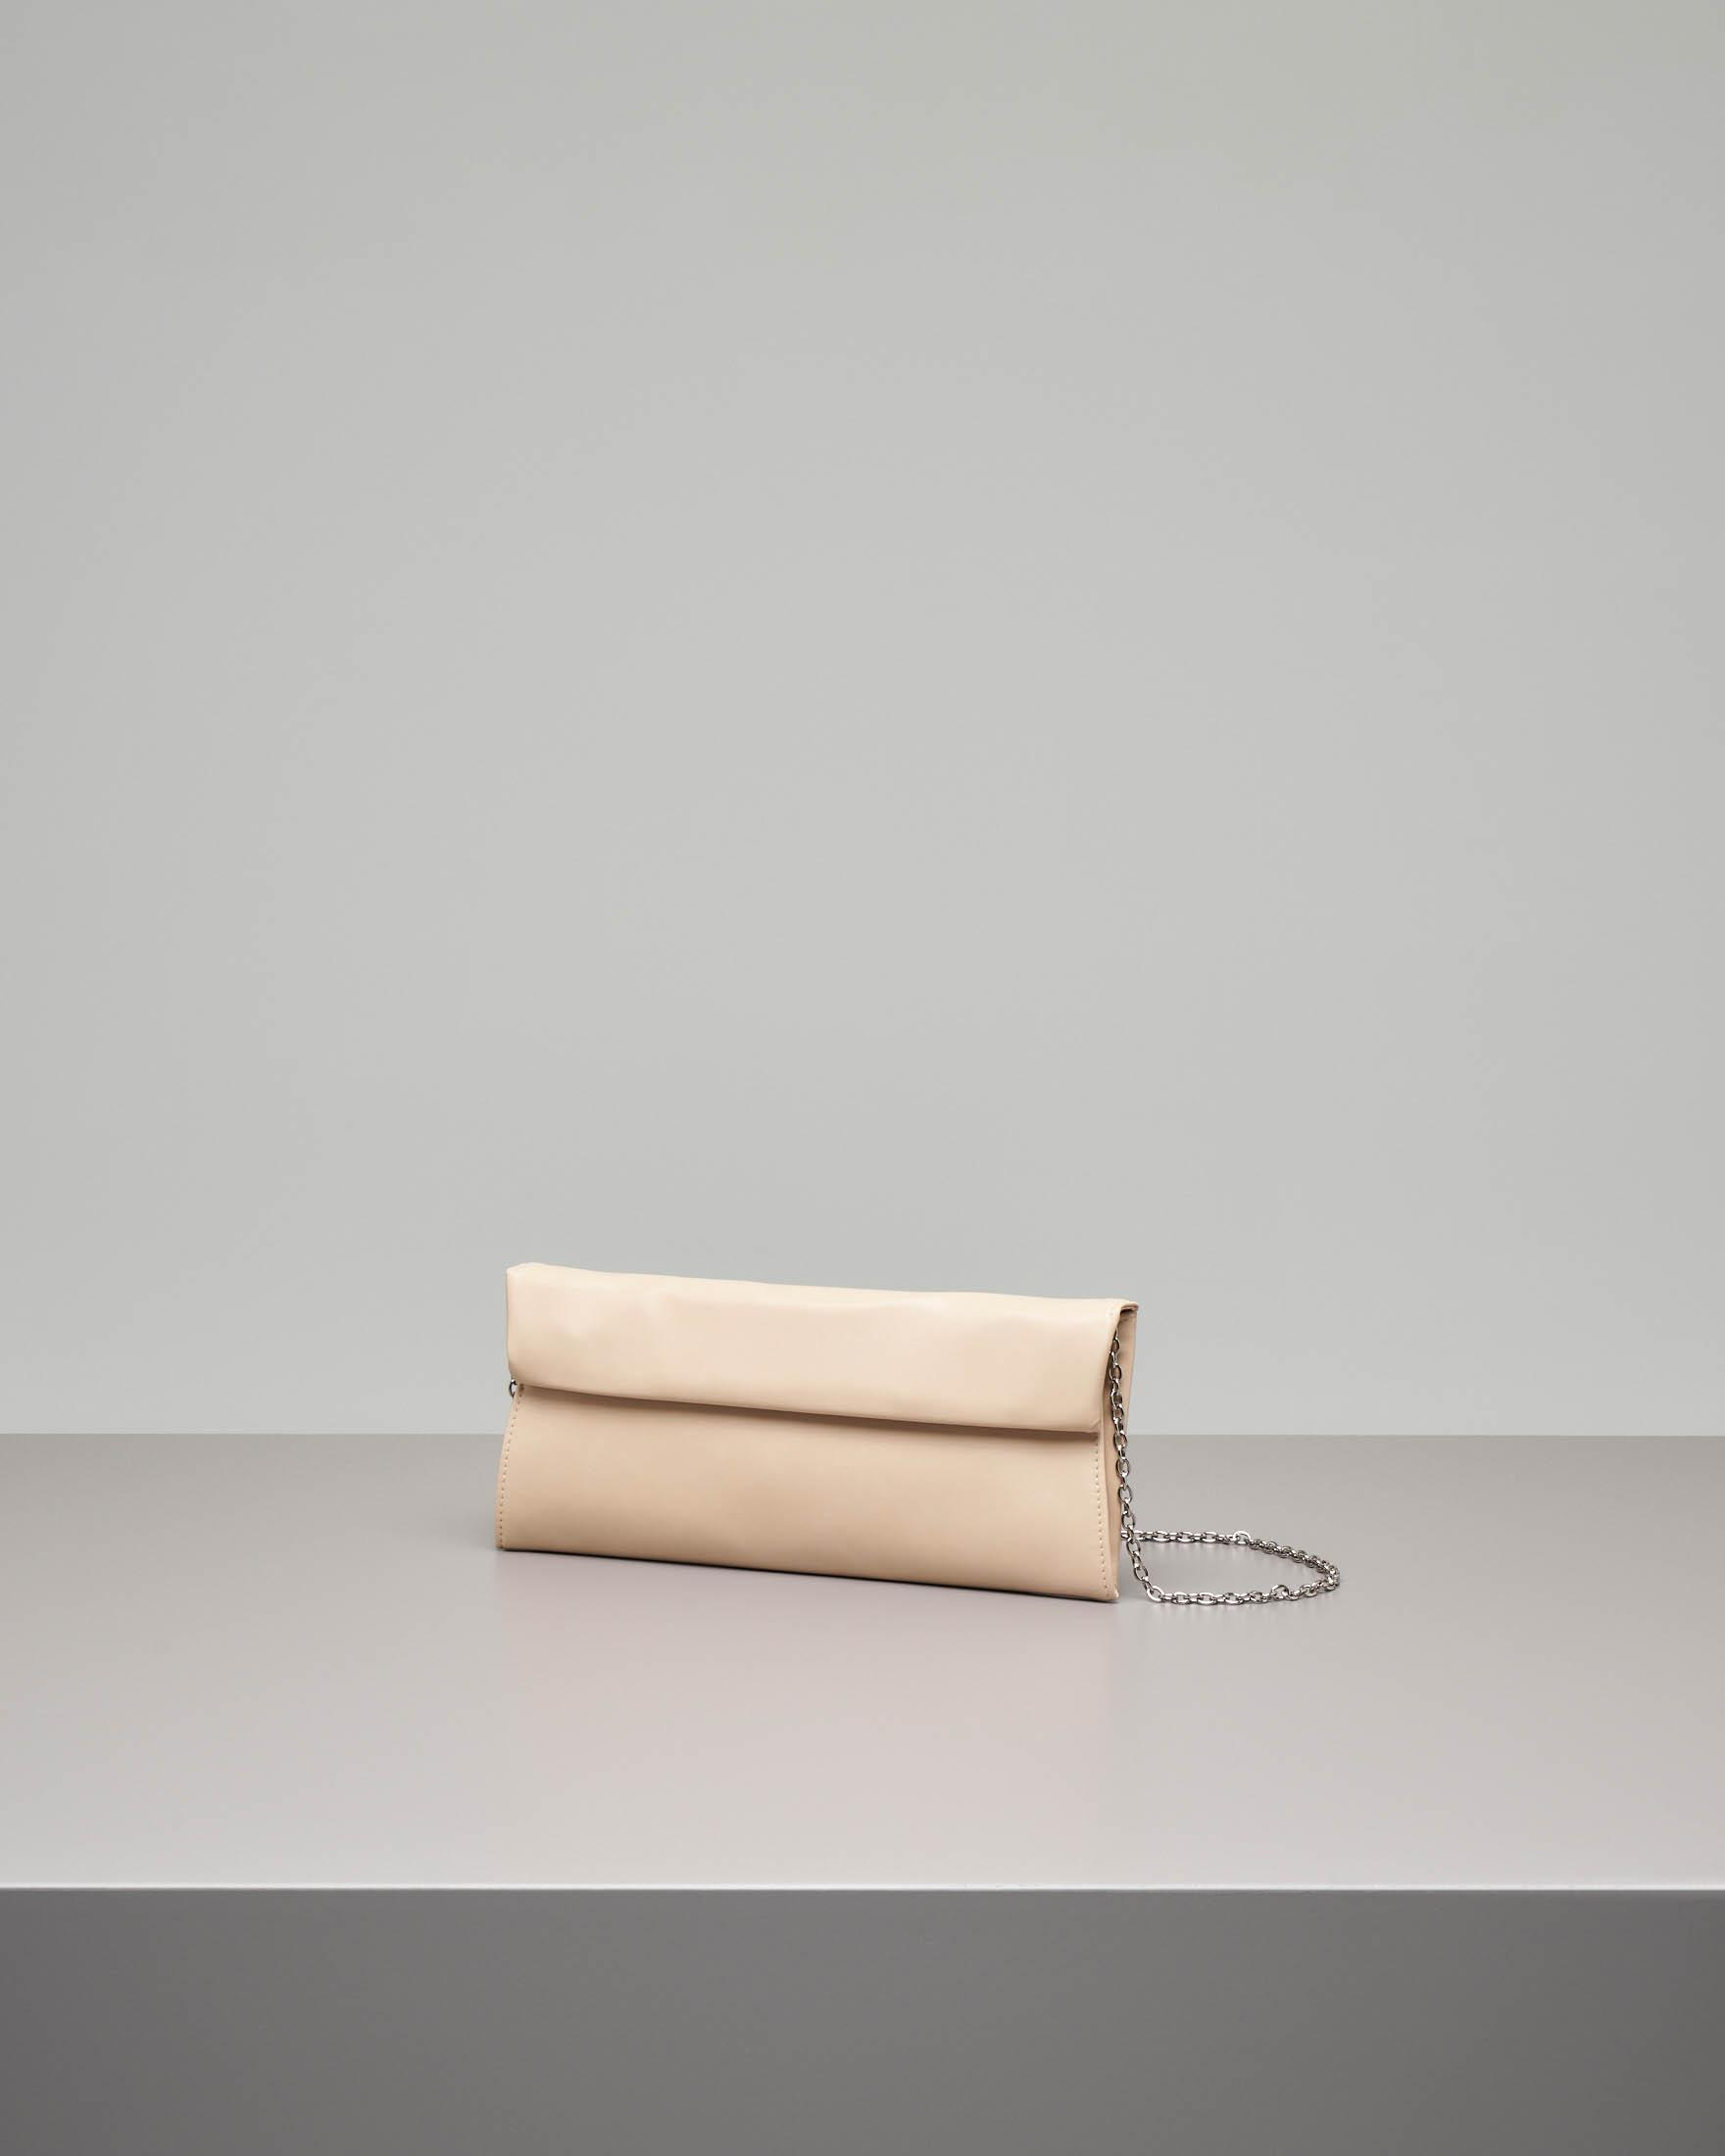 Pochette a busta in ecopelle effetto liscio color beige